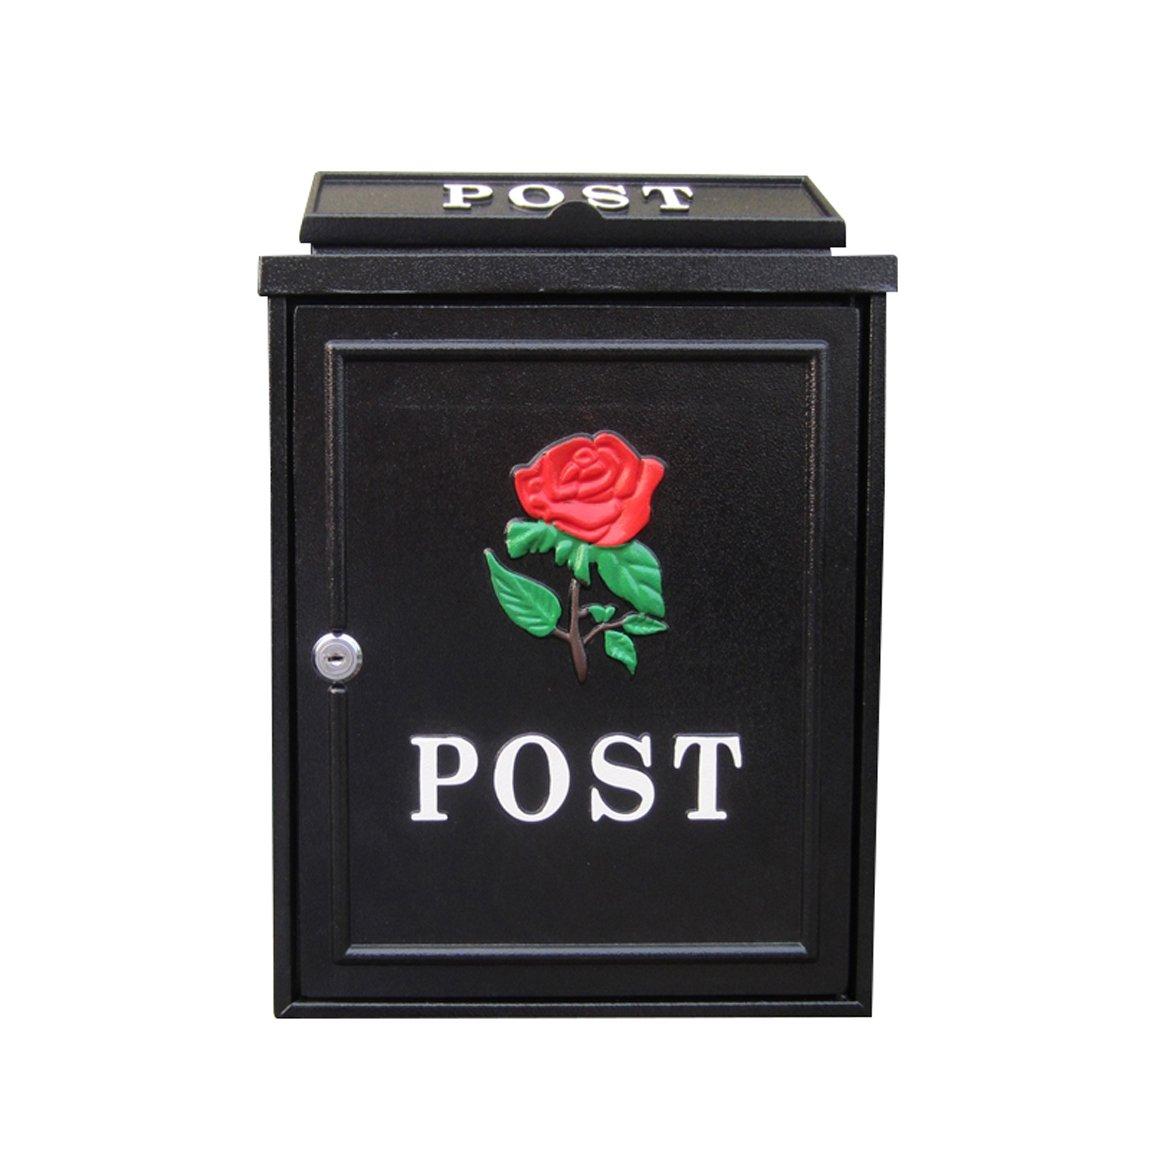 TLMY ヨーロッパのレターボックス屋外雨水ヴィラのメールボックスの壁掛けロックポストボックス大きな農村創造的なレターボックス メールボックス   B07QBF85WF